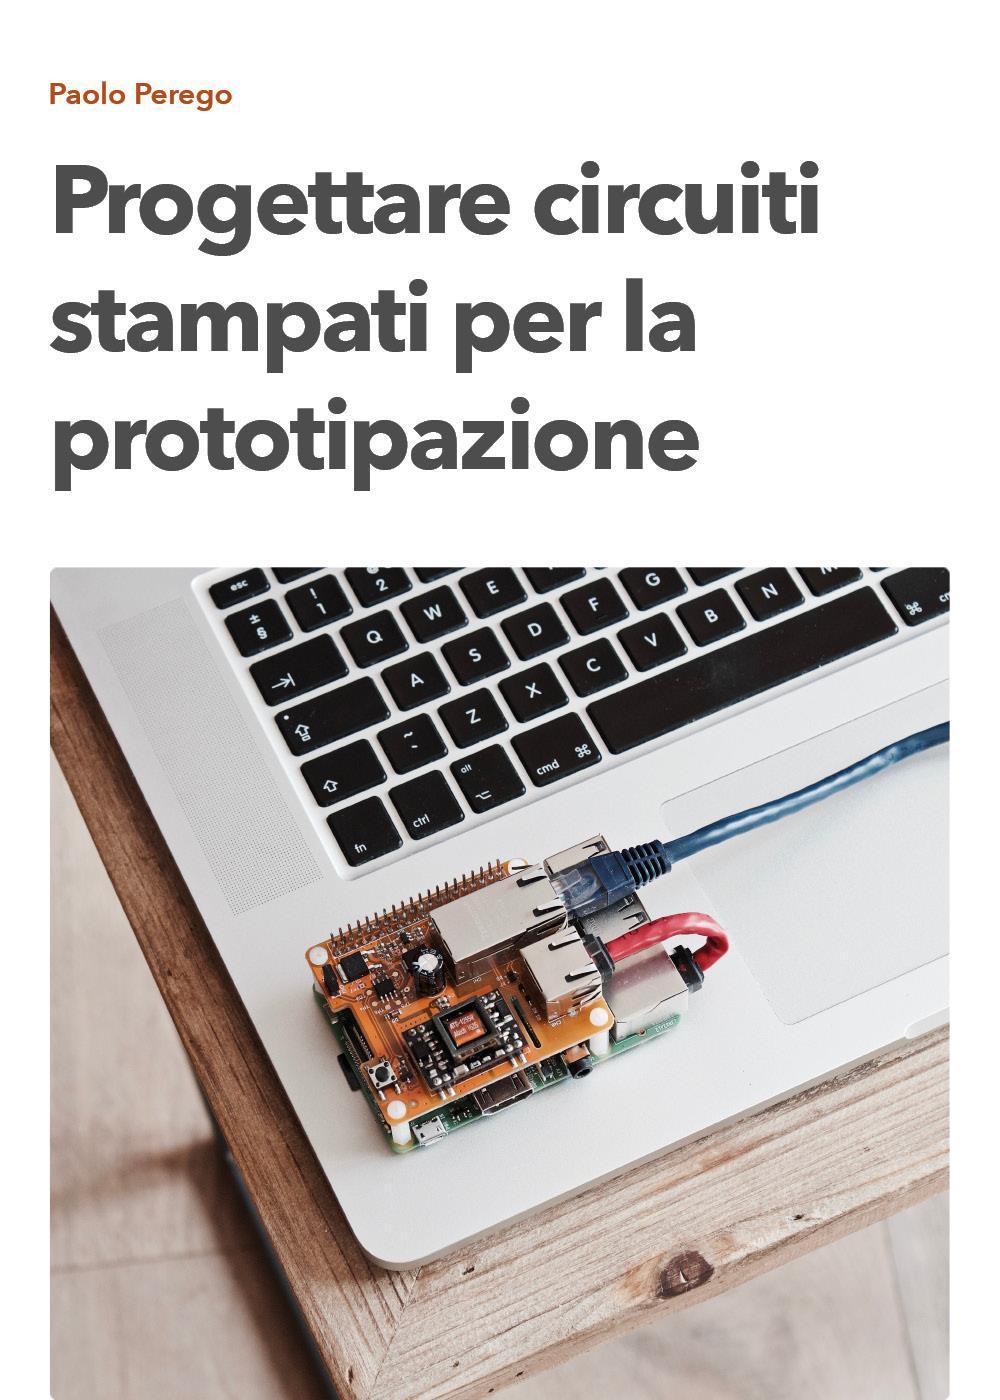 Progettare circuiti stampati per la prototipazione